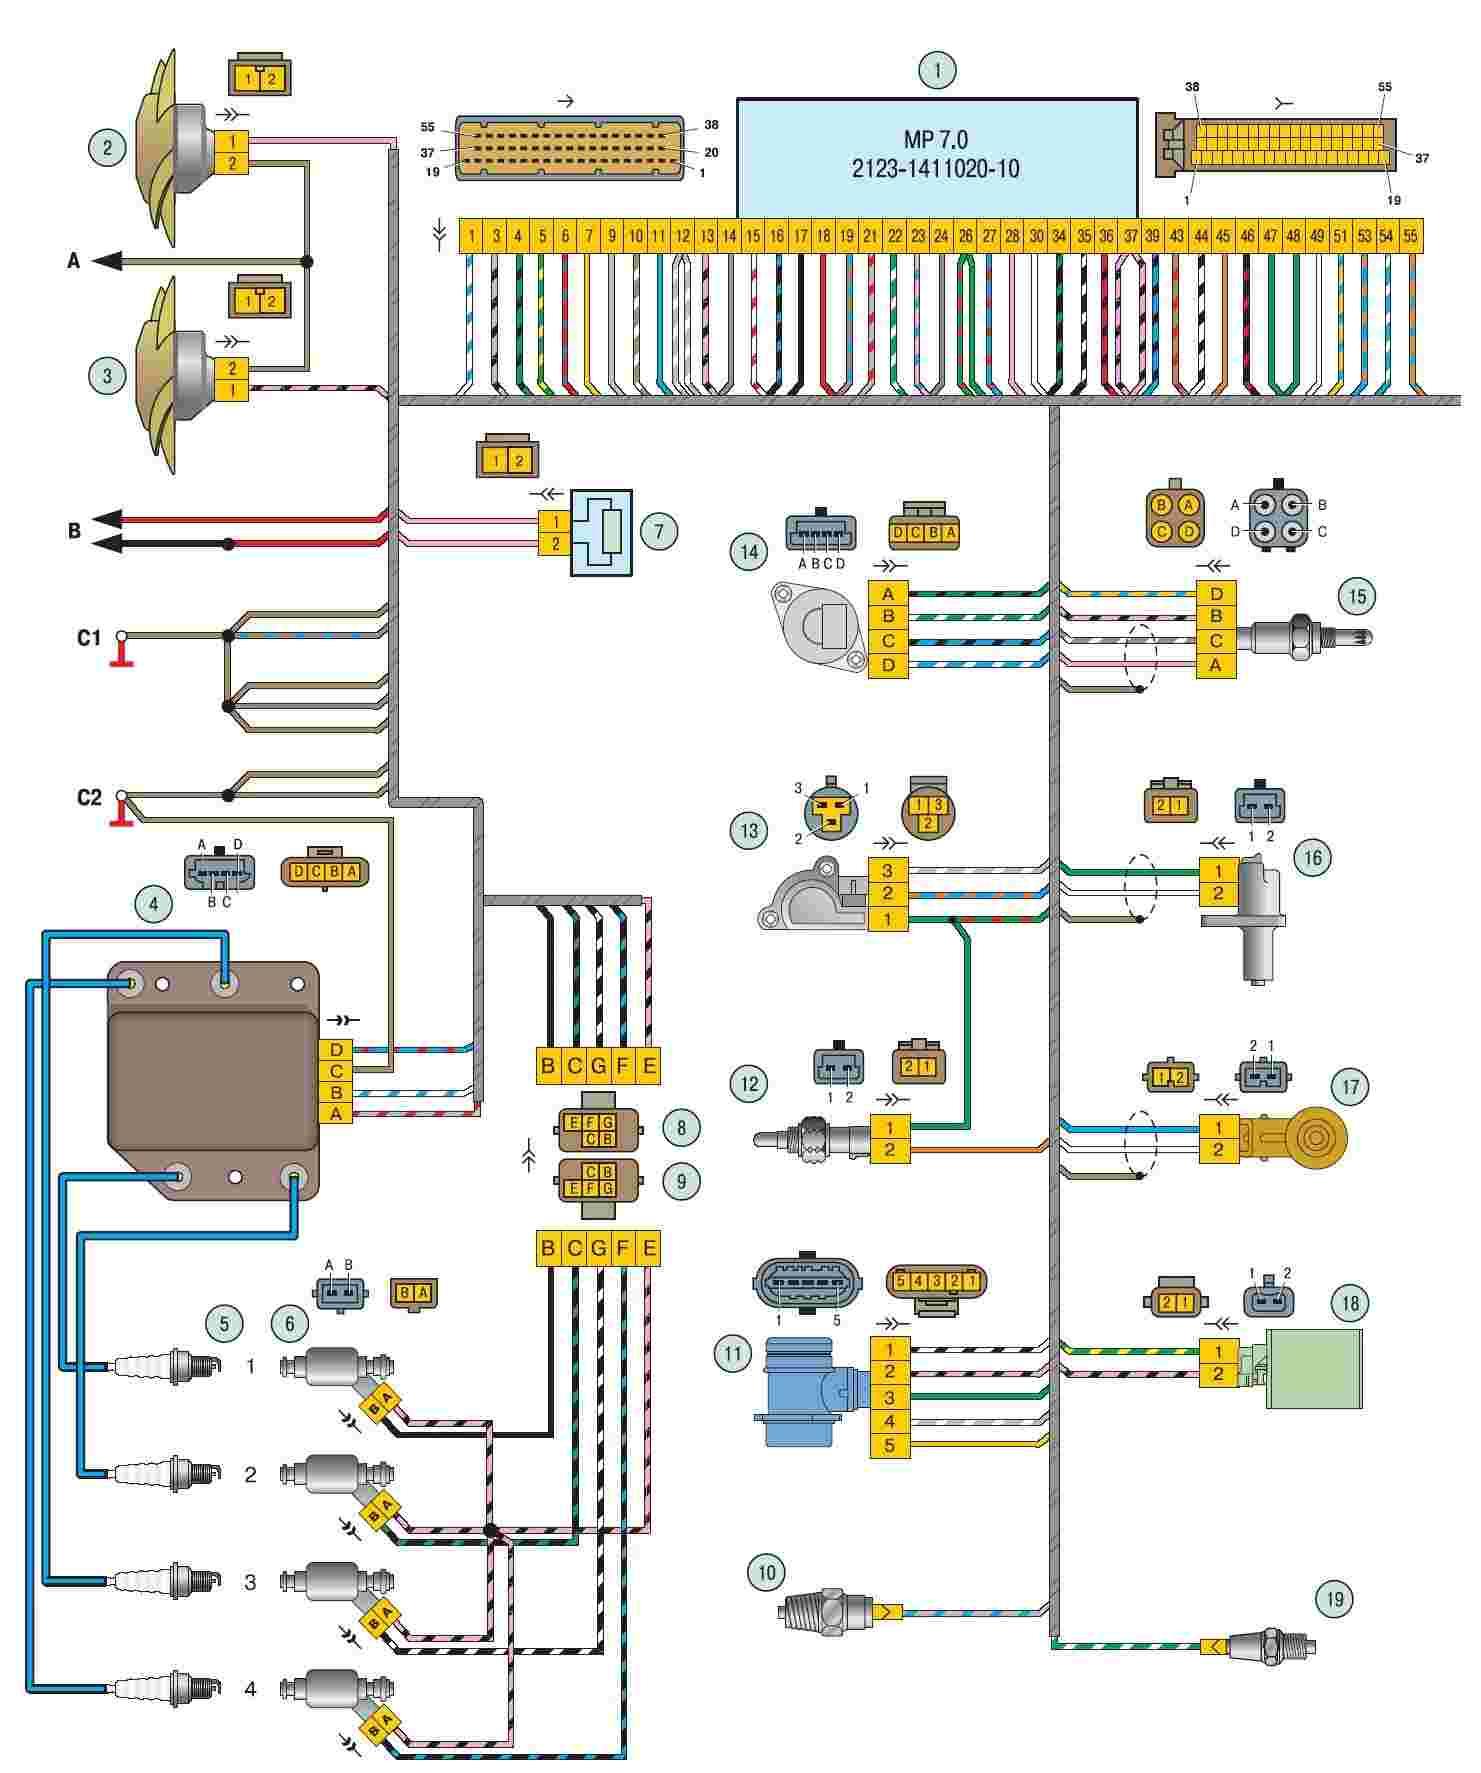 схема электропроводки шевроле спарк